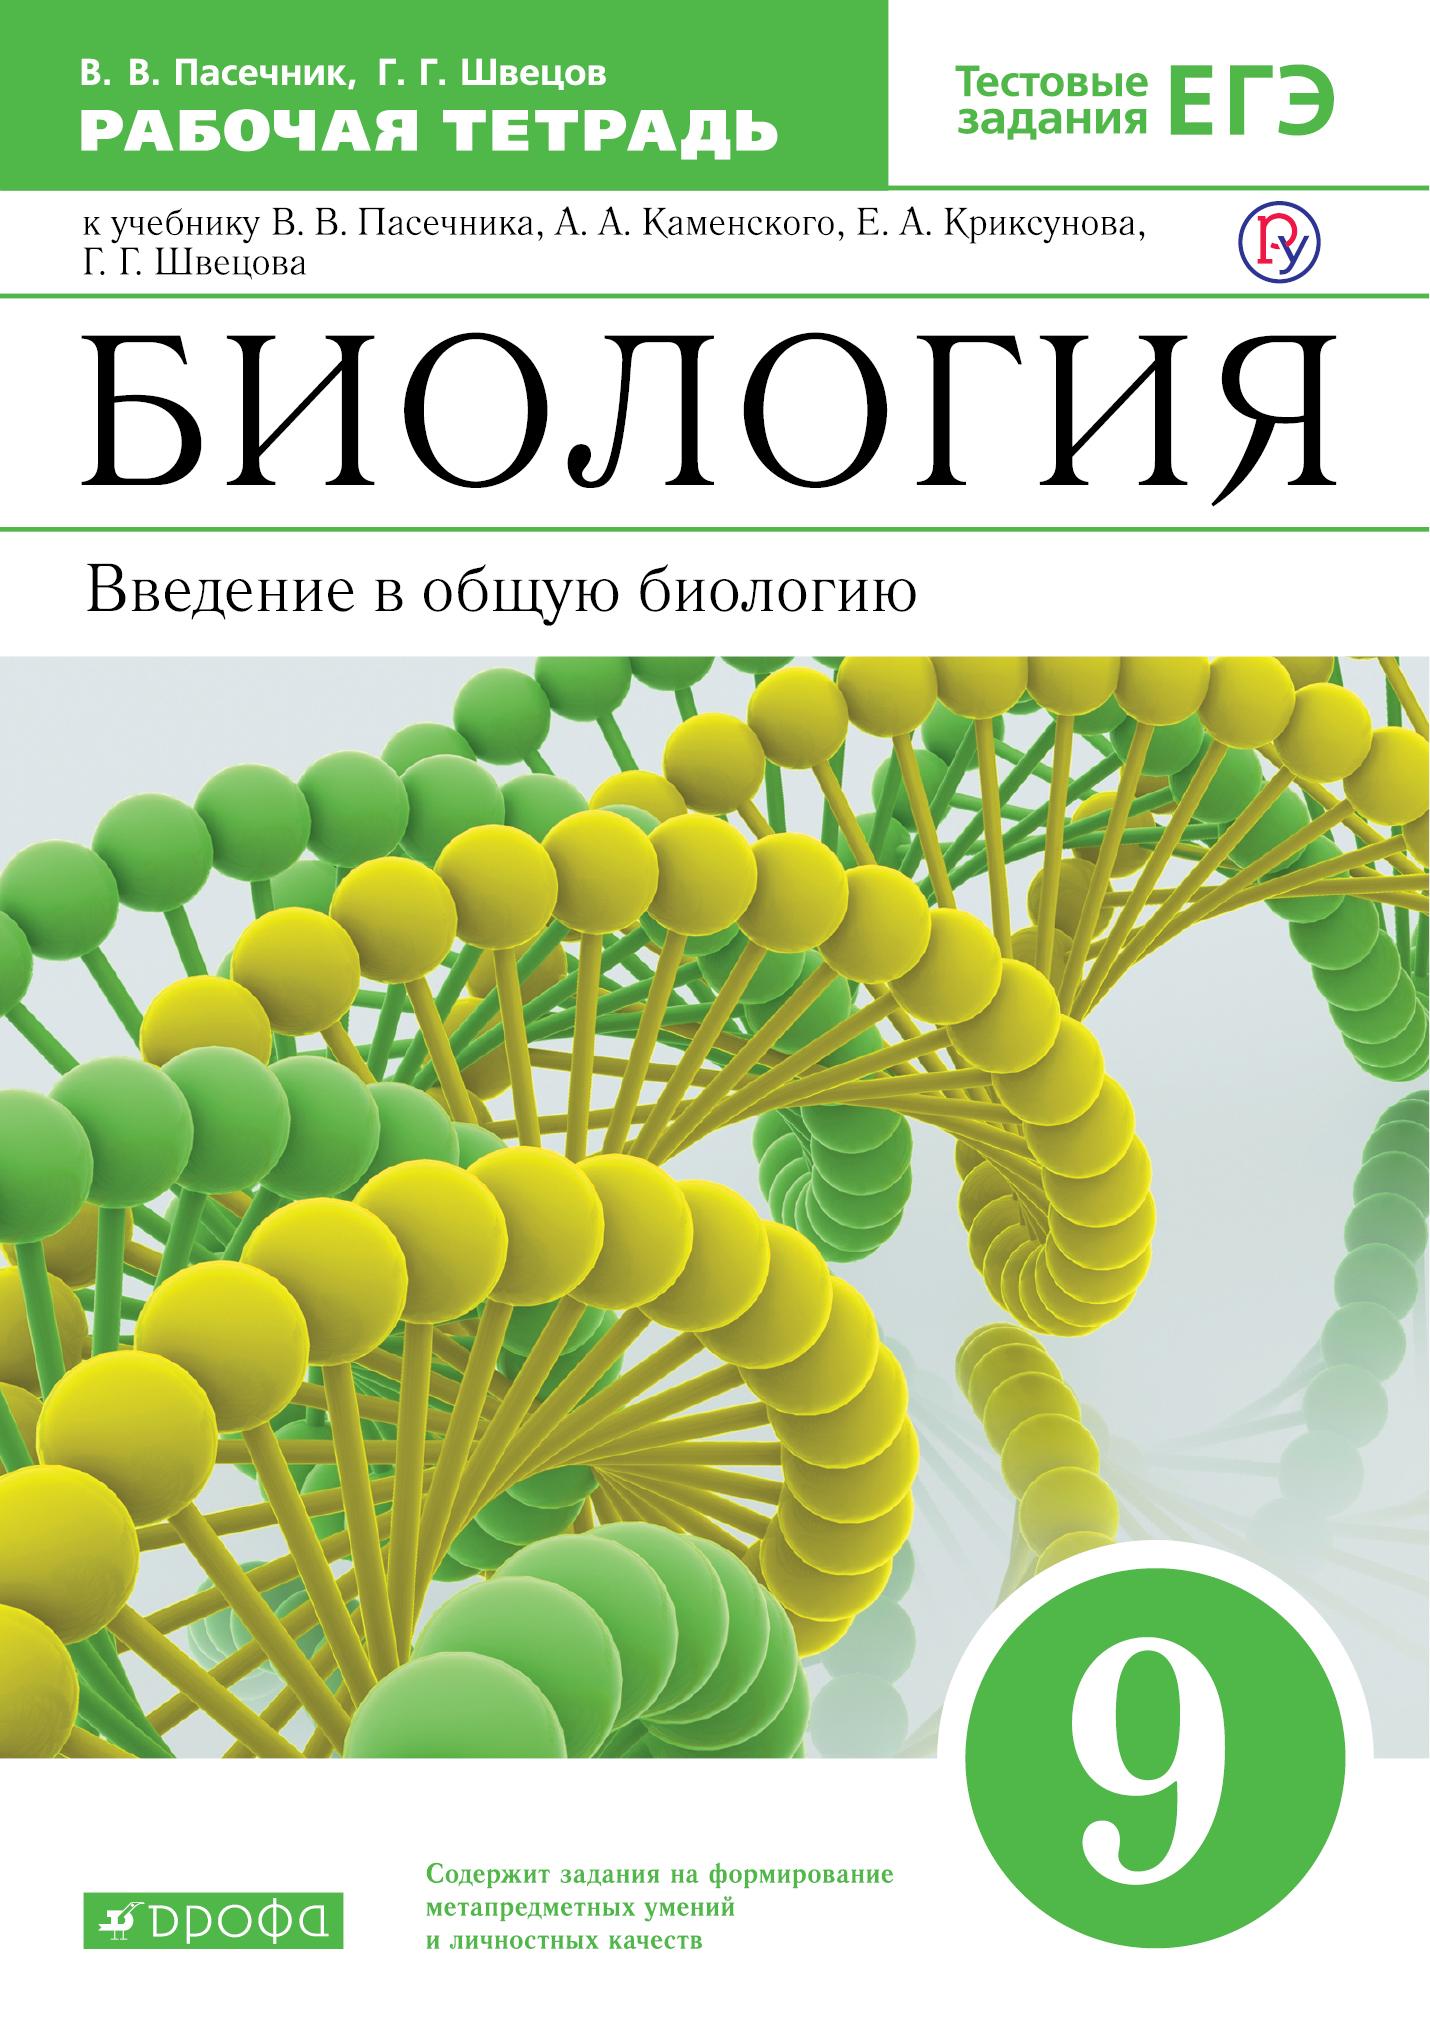 Пасечник В.В., Швецов Г.Г. Биология. .9 класс. Введение в общую биологию. Рабочая тетрадь